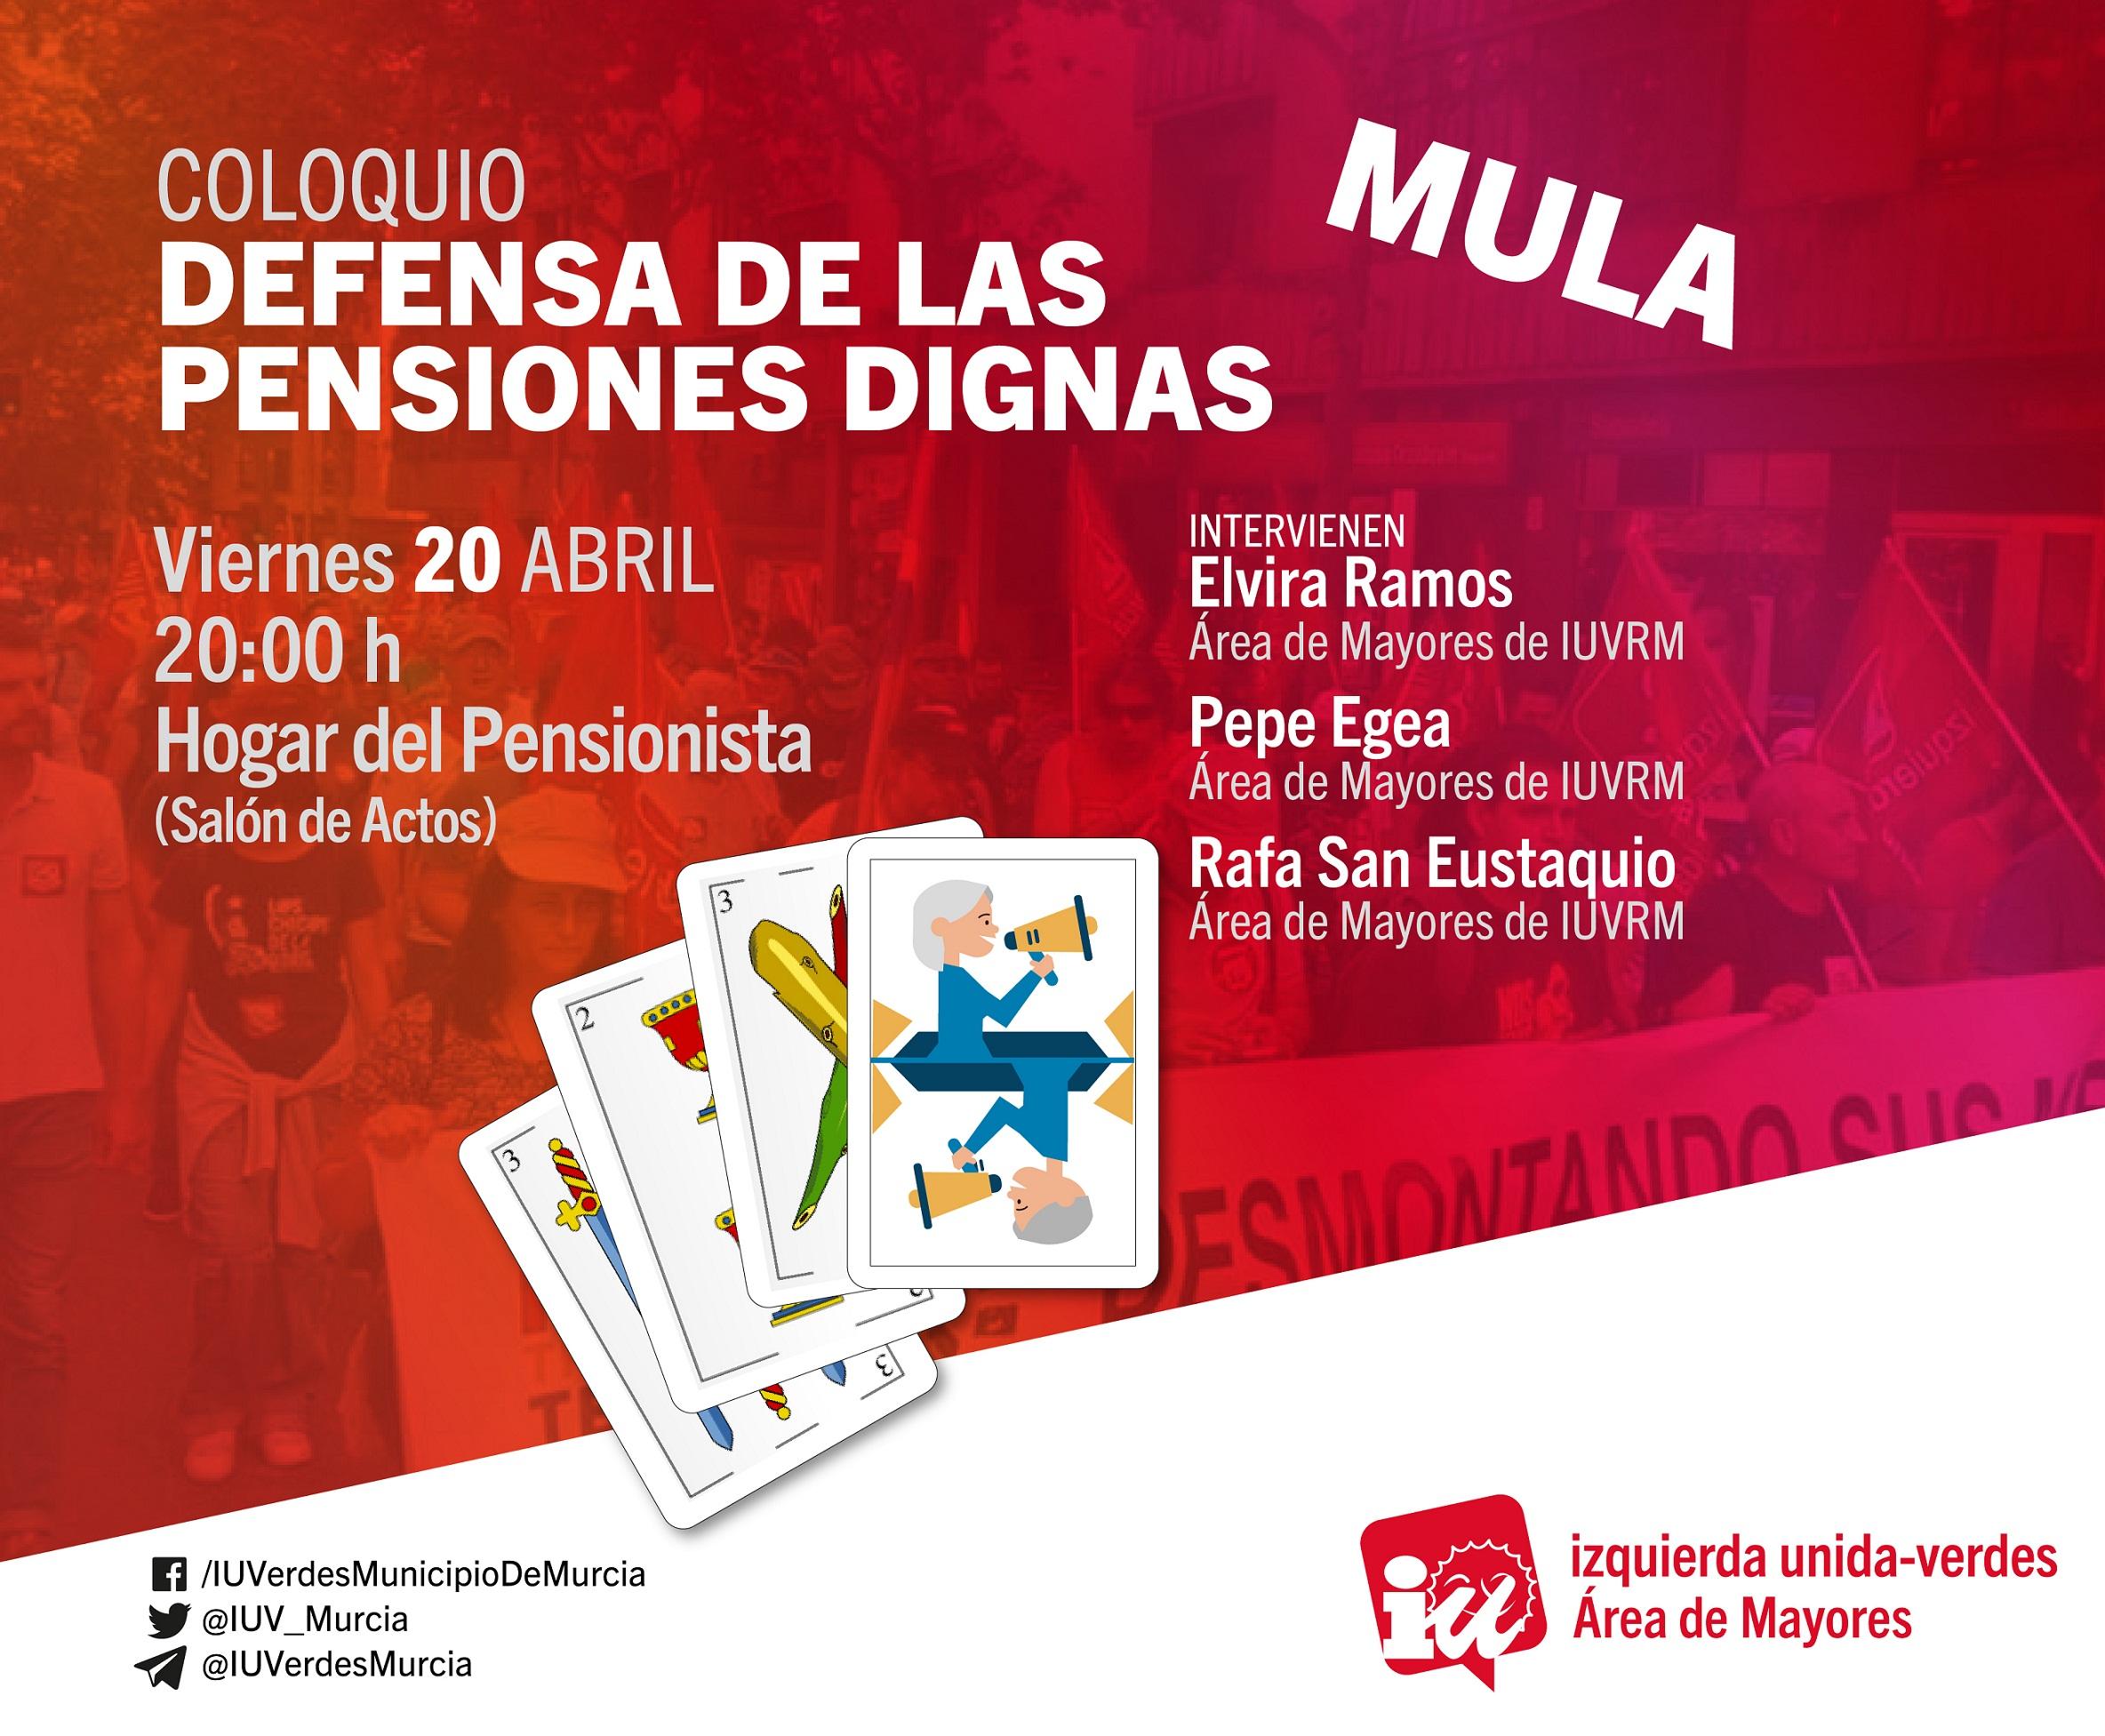 COLOQUIO «DEFENSA DE LAS PENSIONES DIGNAS»